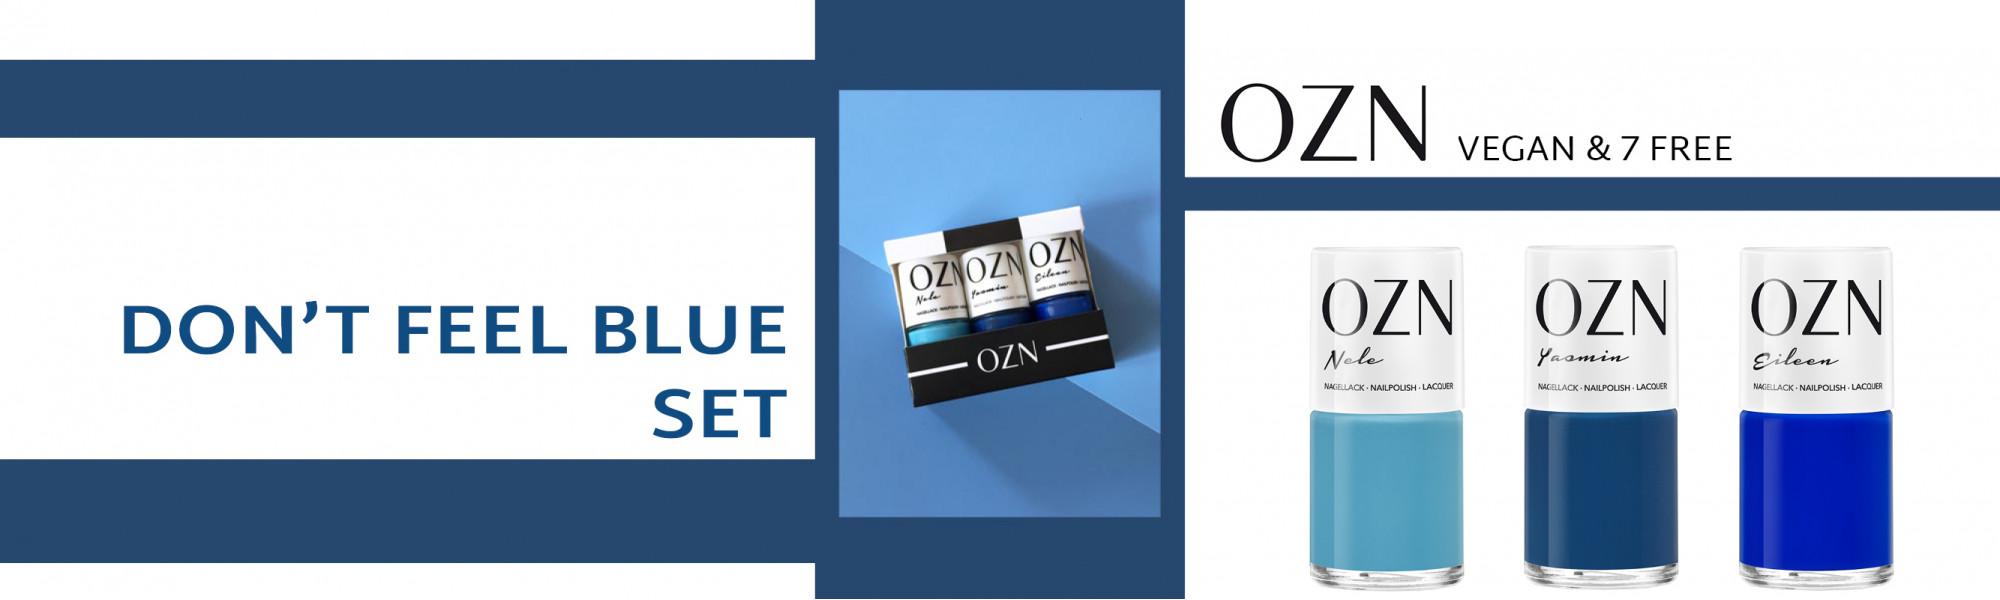 OZN Feel Blue Set